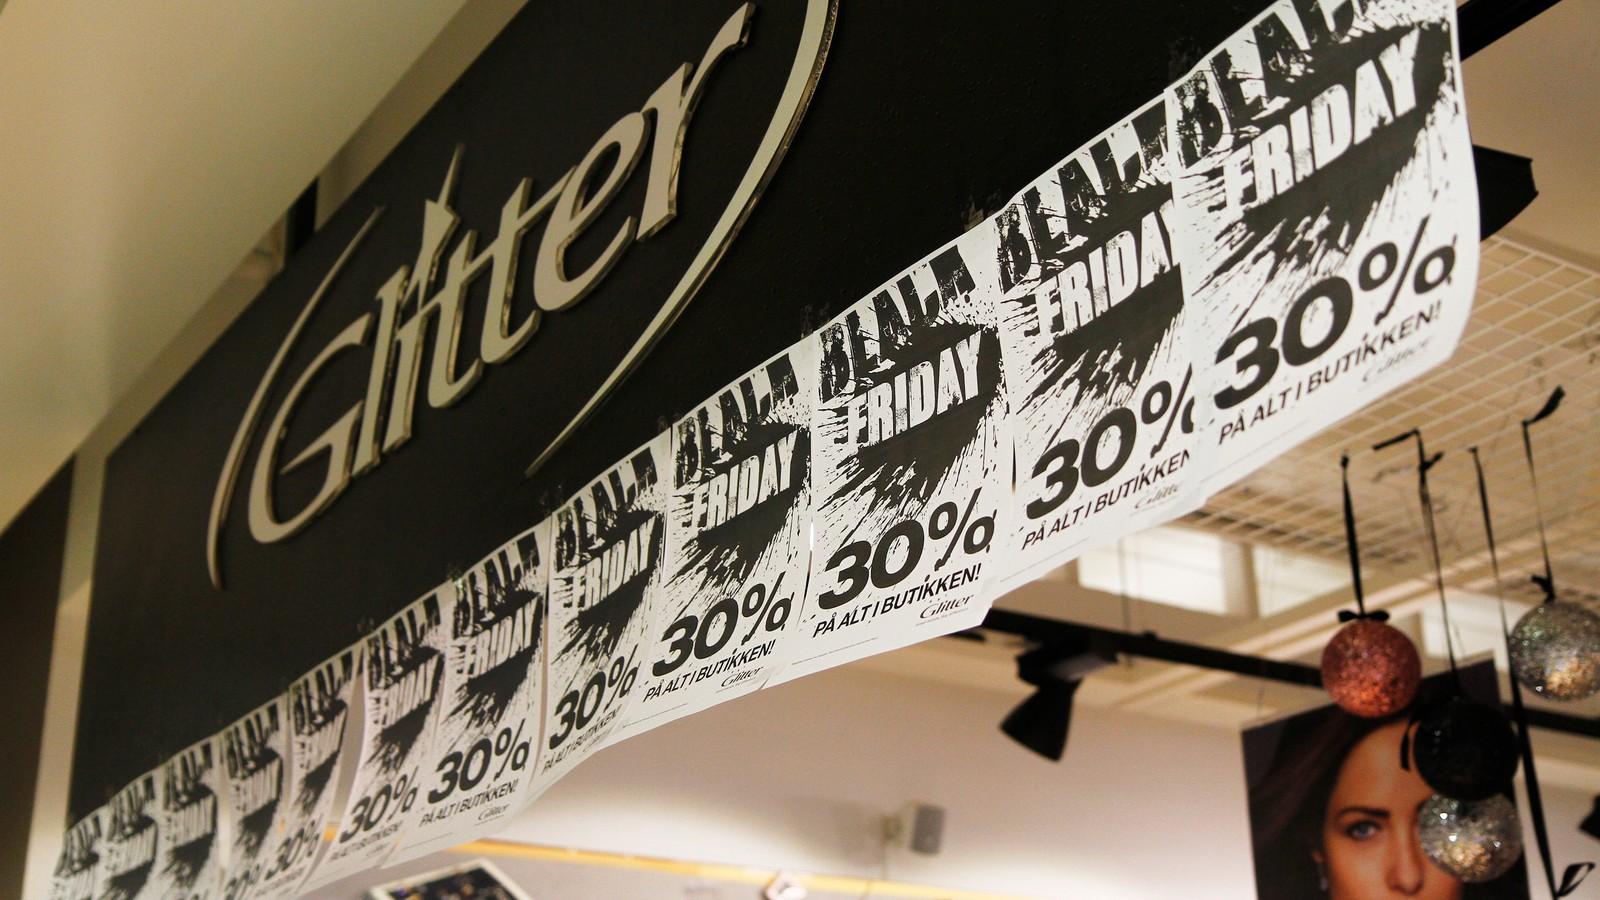 Alle butikkane stilte med gode tilbod på stort sett alle varer.